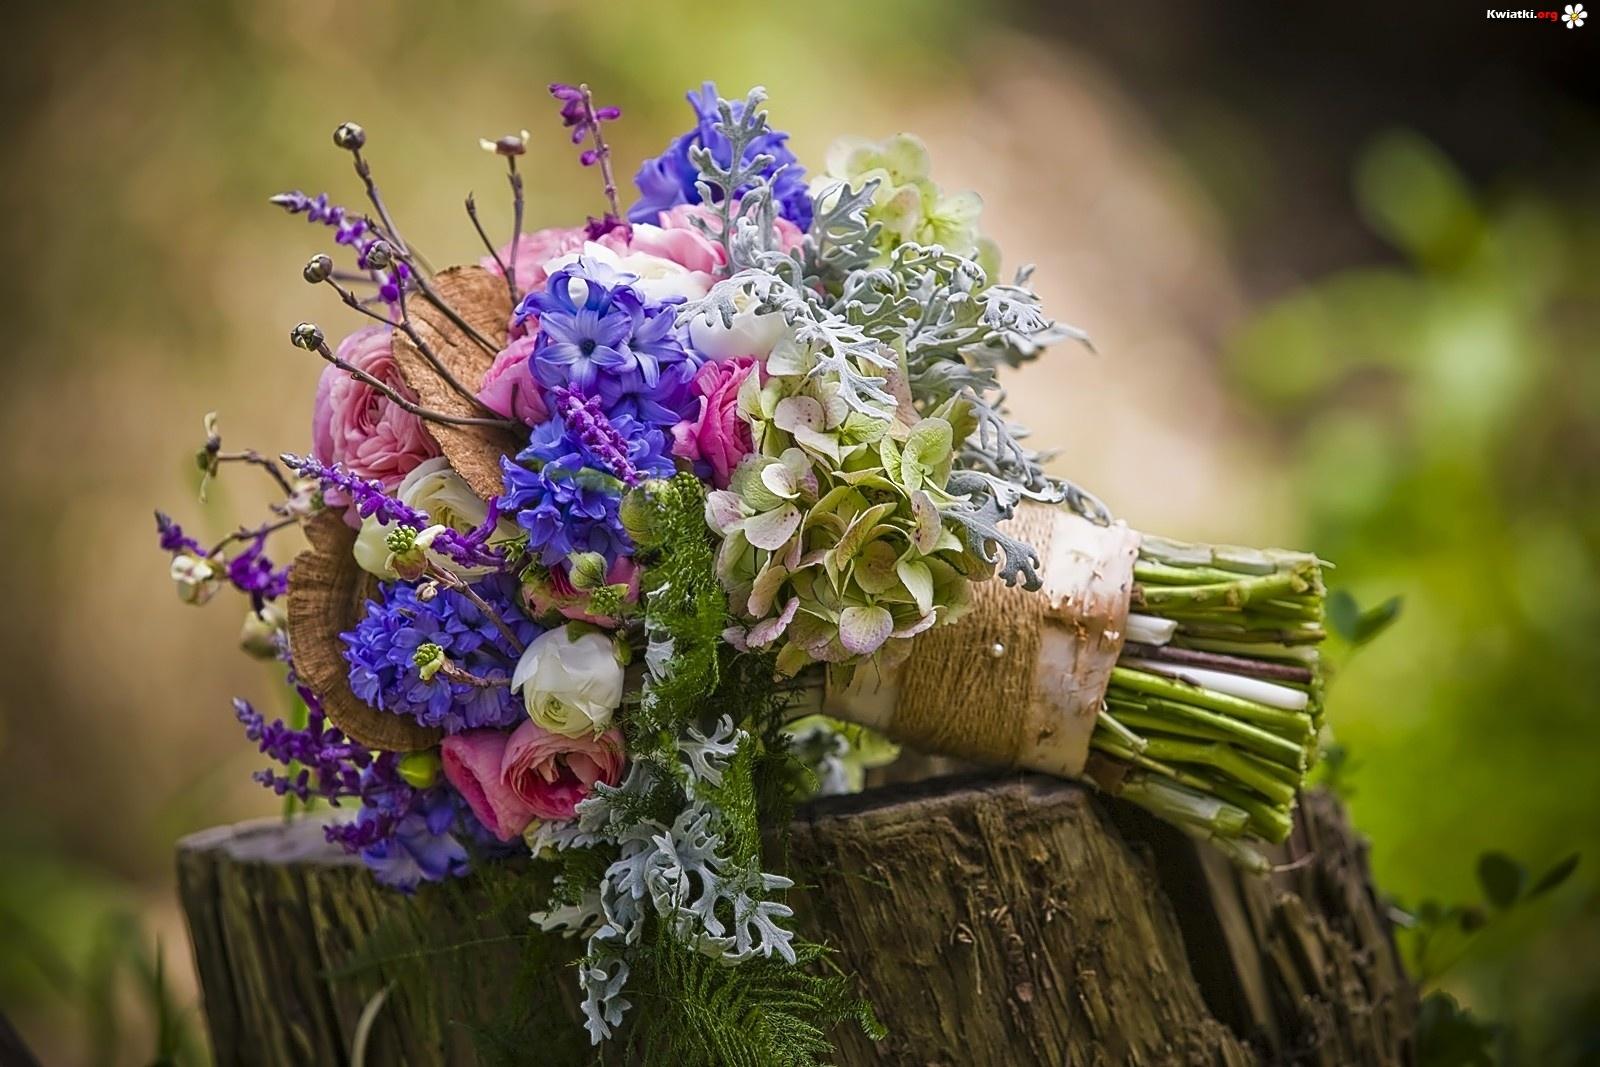 Bukiet, Kwiatów, Pień - Zdjęcia: www.kwiatki.org/kwiatow-bukiet-pien.html